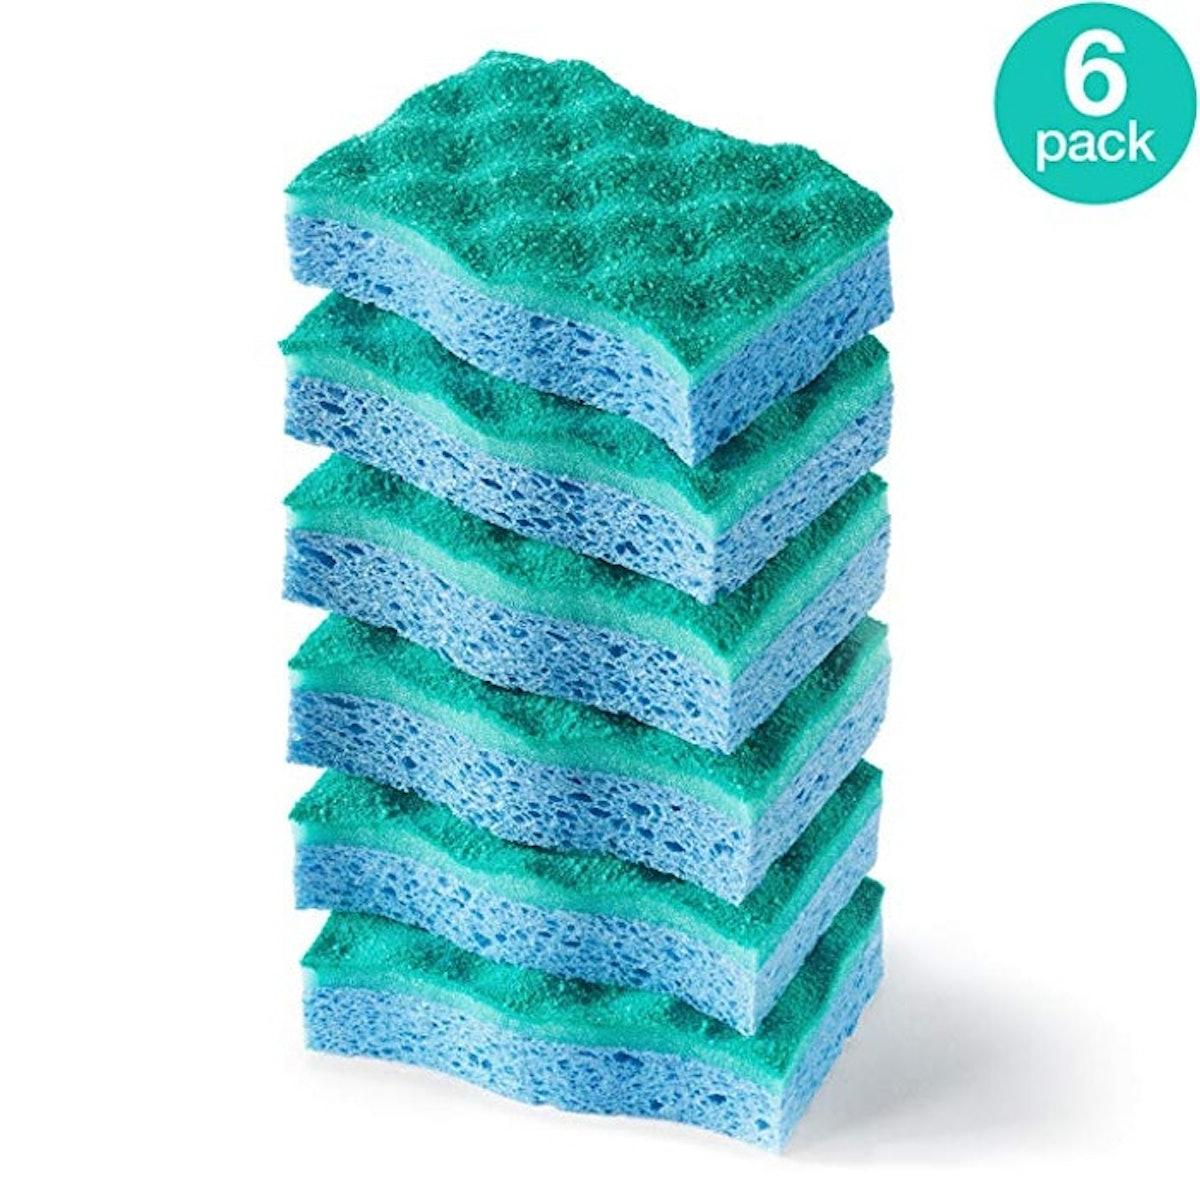 O-Cedar Multi-Use Scrunge Scrub Sponge (6-Pack)